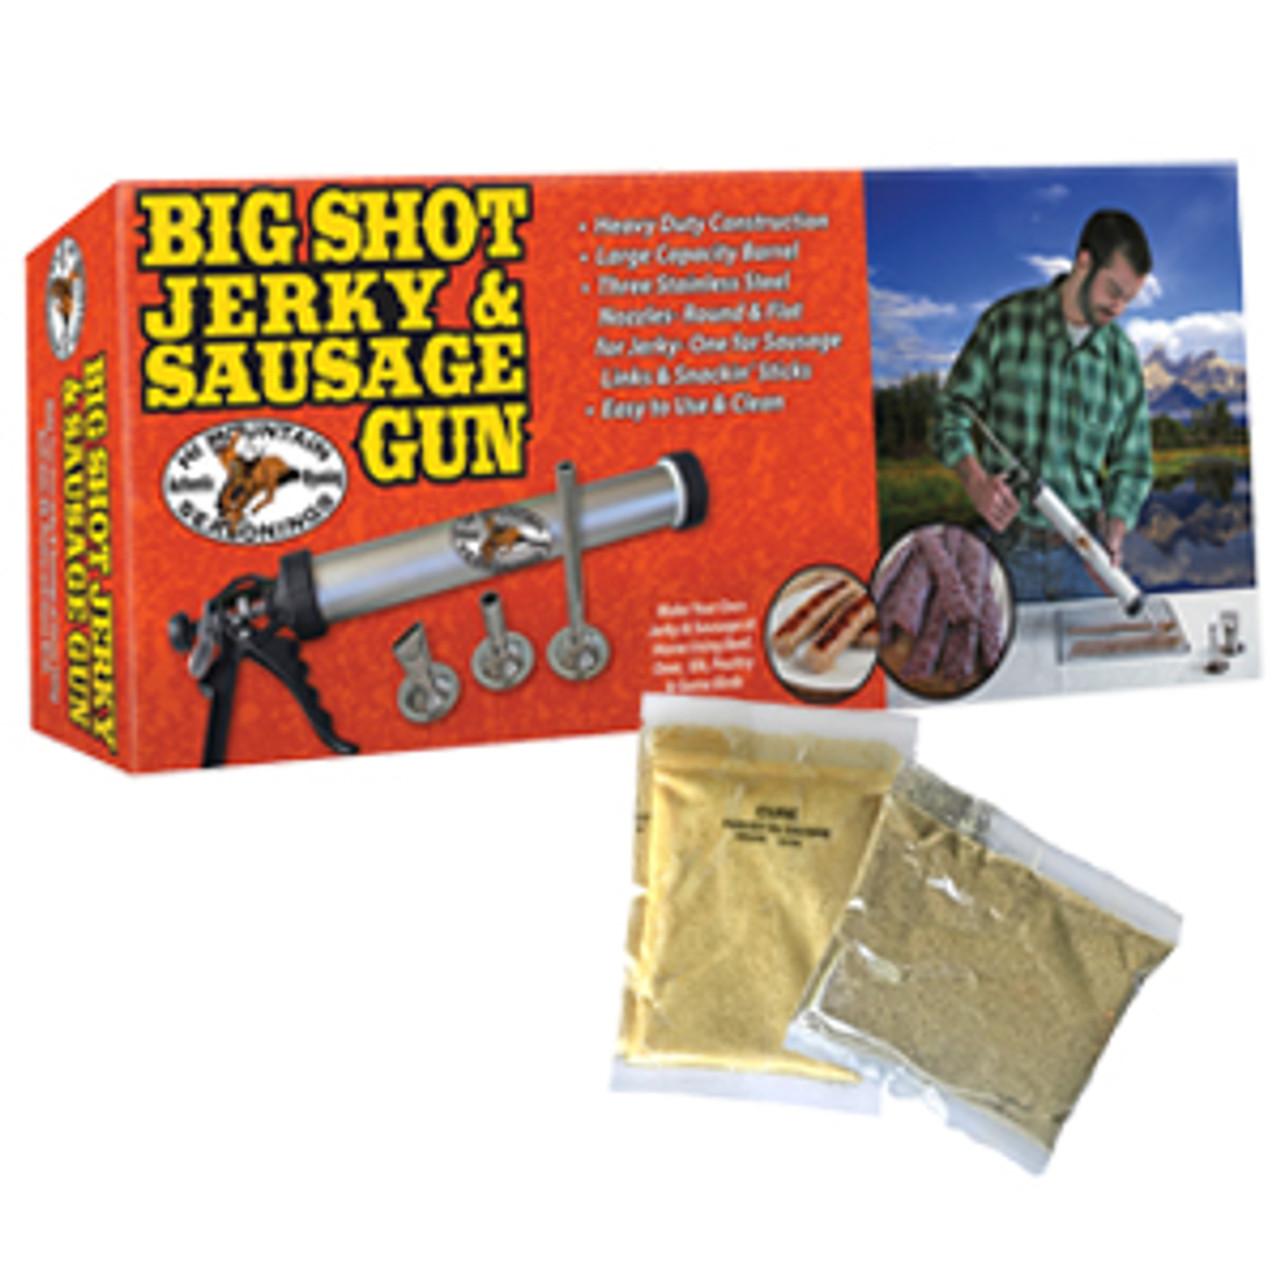 Big Shot Jerky & Sausage Gun